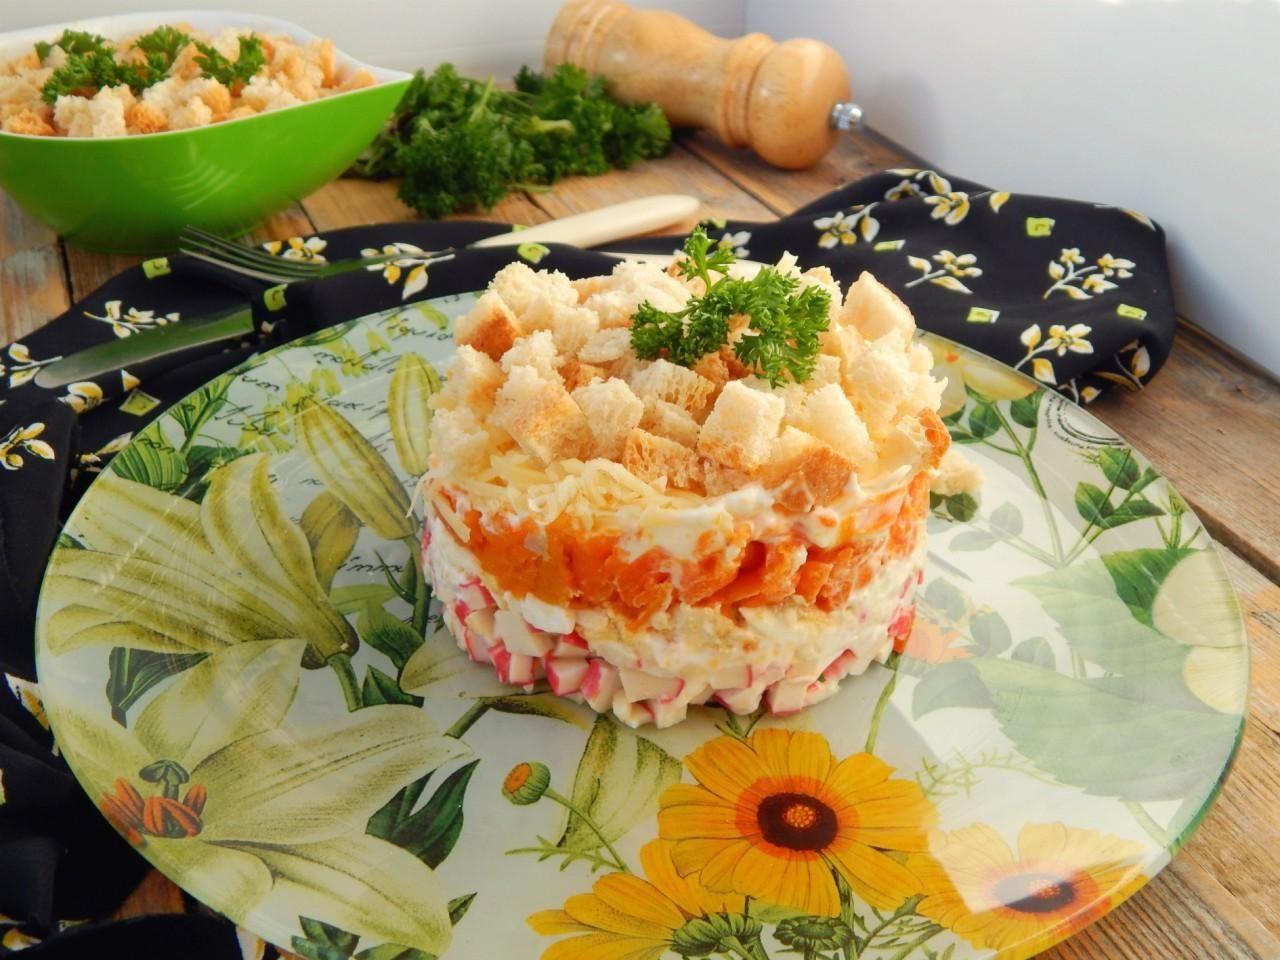 охранная салат сантана рецепт с фото течение нескольких лет